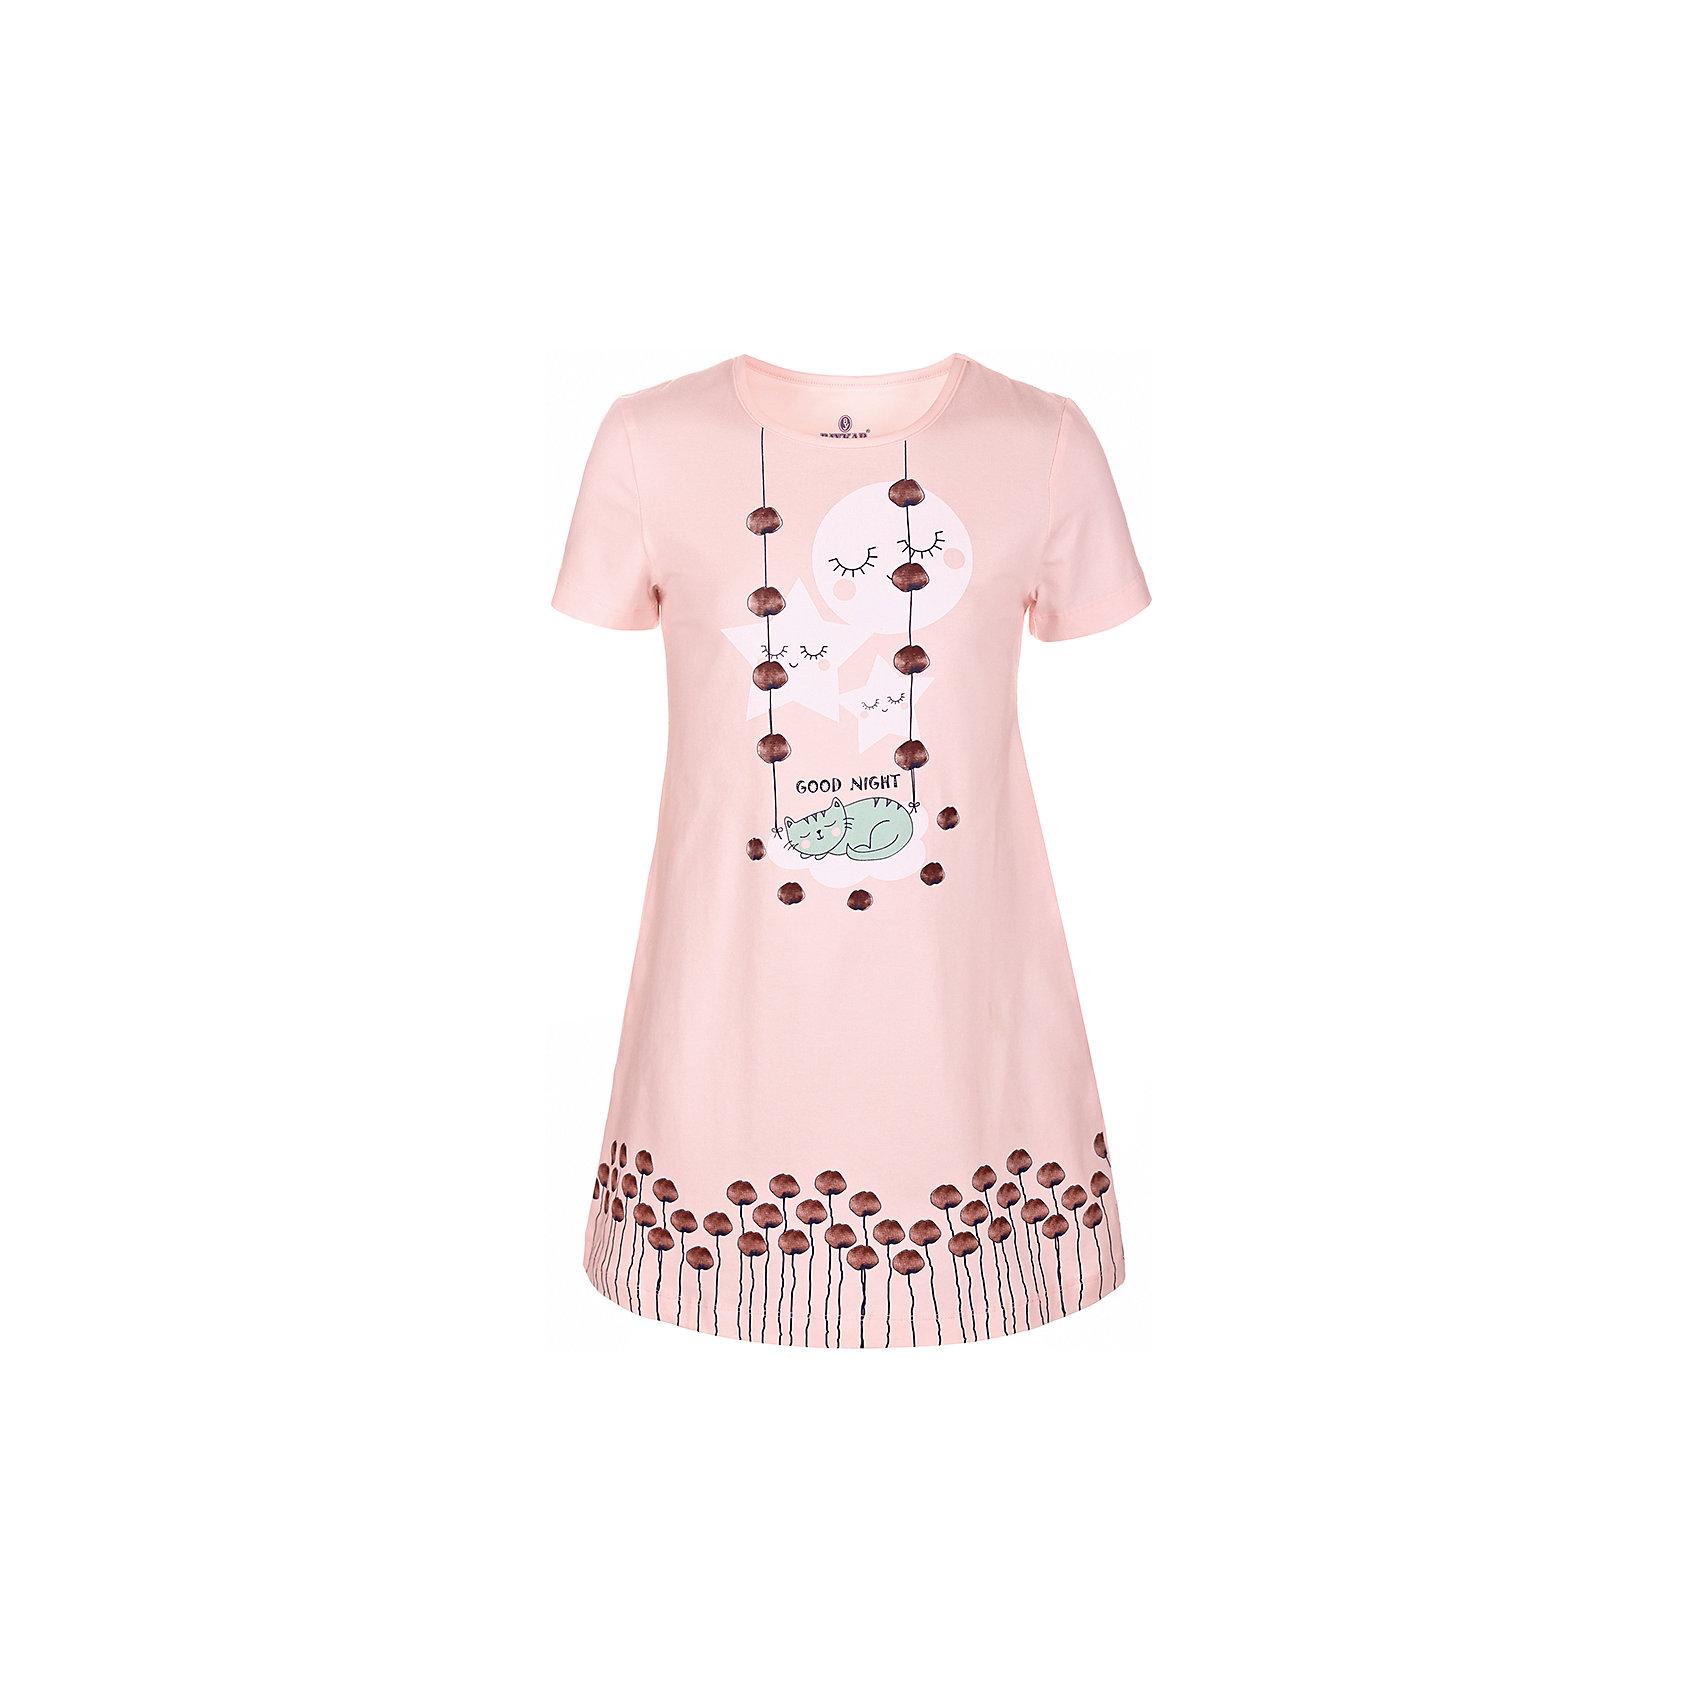 Сорочка для девочки BaykarПижамы и сорочки<br>Характеристики товара:<br><br>• цвет: розовый<br>• состав ткани: 95% хлопок; 5% эластан<br>• короткие рукава<br>• сезон: круглый год<br>• страна бренда: Турция<br>• страна изготовитель: Турция<br><br>Симпатичная розовая сорочка для девочки позволяет обеспечить комфортный сон. Эта одежда для сна сделана из мягкого дышащего материала. <br><br>Продуманный крой обеспечивает комфортную посадку. Сорочка для девочки Baykar украшена симпатичным принтом.<br><br>Сорочку для девочки Baykar (Байкар) можно купить в нашем интернет-магазине.<br><br>Ширина мм: 281<br>Глубина мм: 70<br>Высота мм: 188<br>Вес г: 295<br>Цвет: розовый<br>Возраст от месяцев: 48<br>Возраст до месяцев: 60<br>Пол: Женский<br>Возраст: Детский<br>Размер: 104/110,116/122,98/104,110/116<br>SKU: 6764881